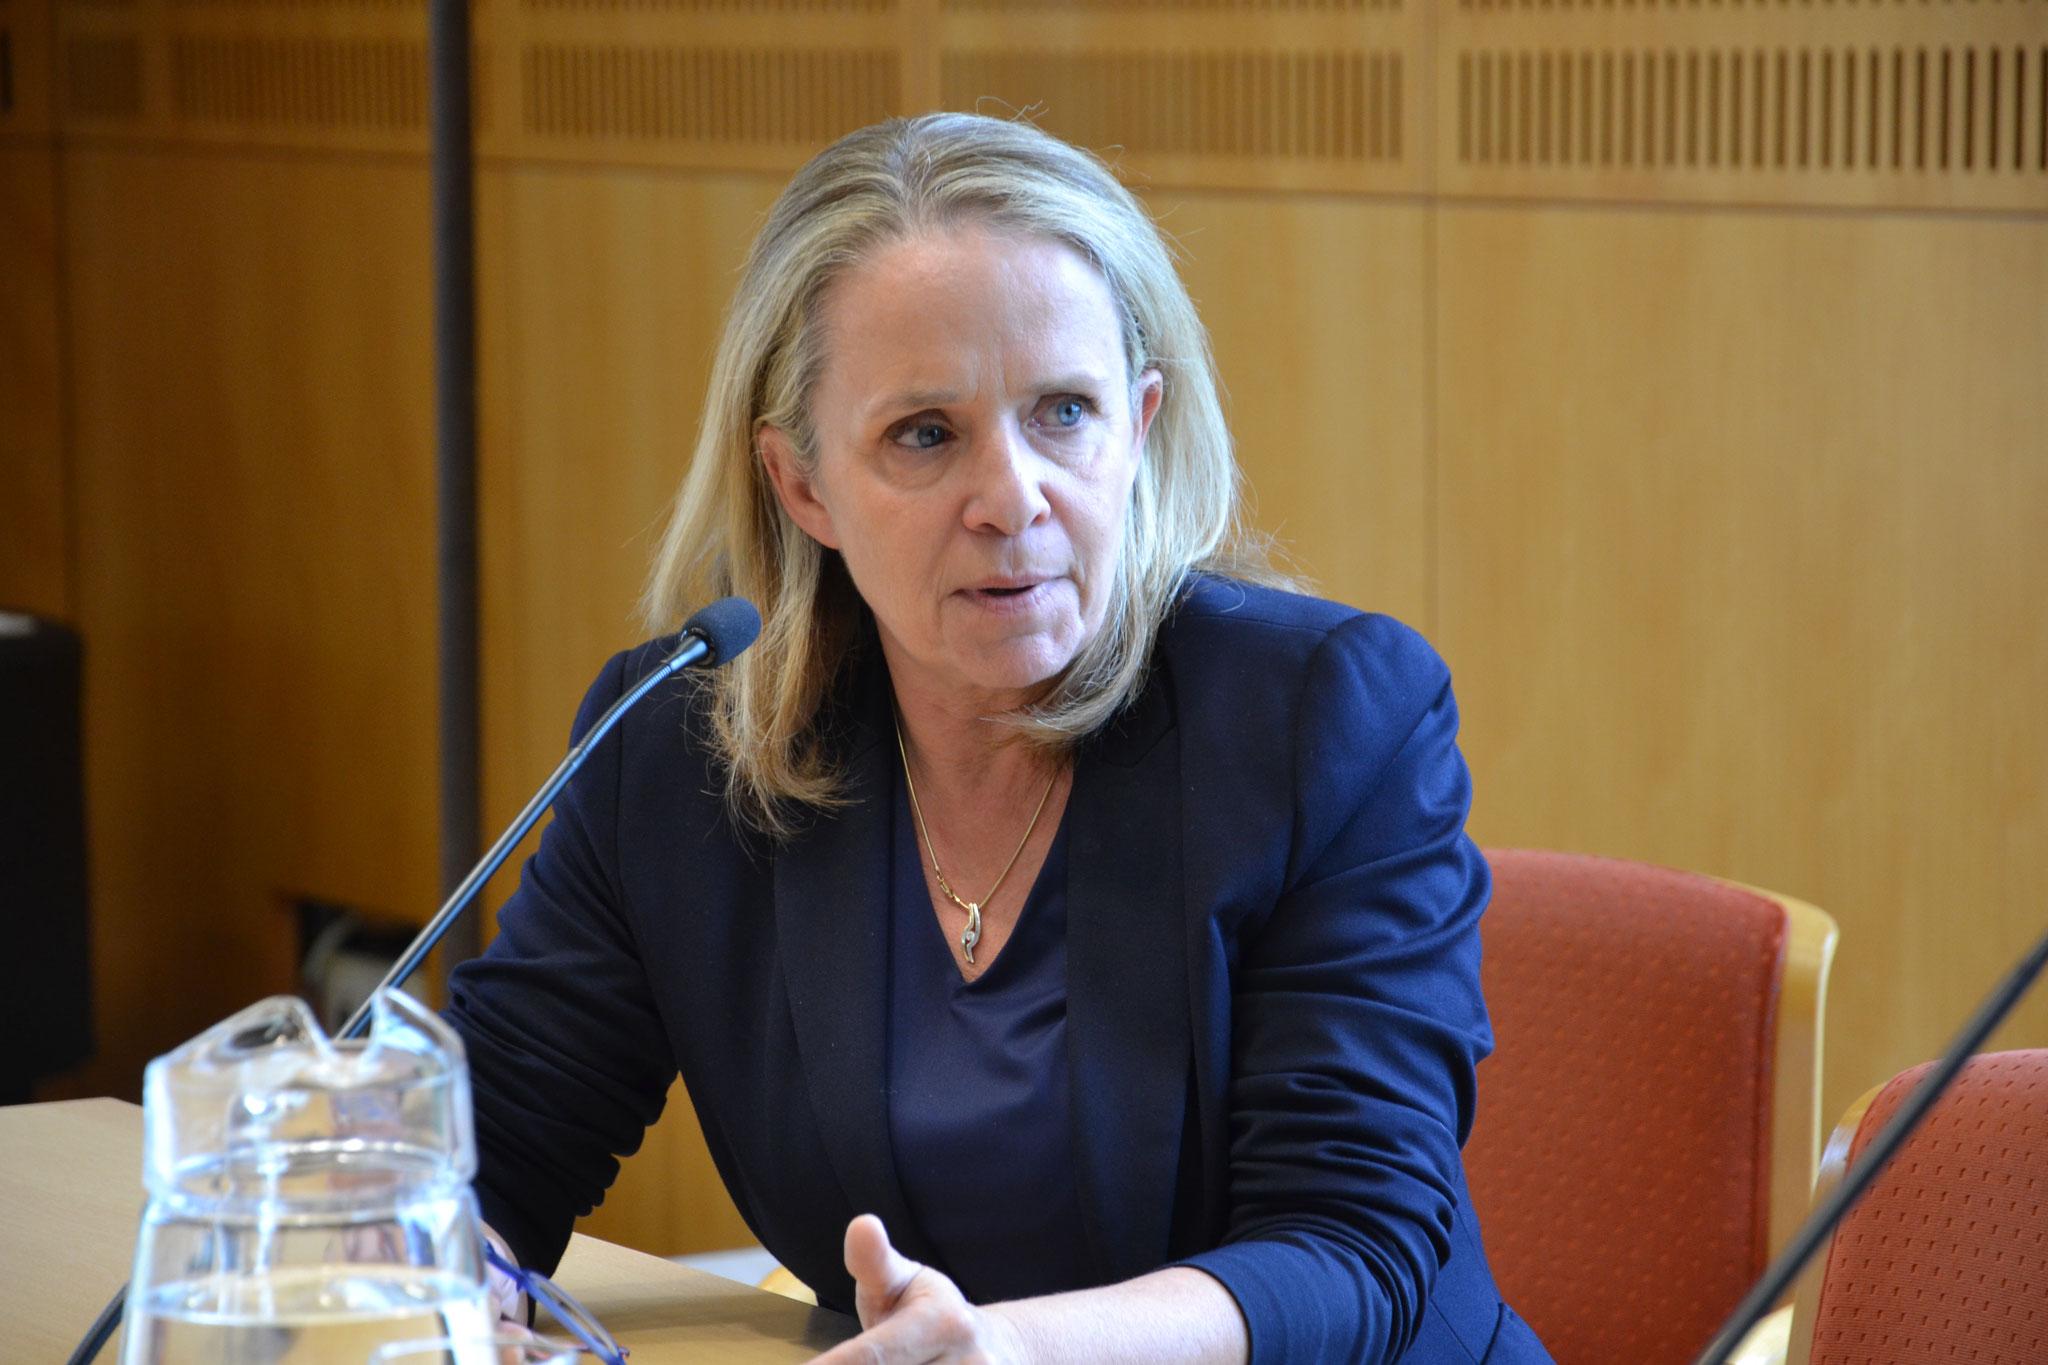 Petra Ramsauer war es wichtig, dass Hilfe vor Ort nach Möglichkeit nicht konfessionell priorisiert werden sollte. Das würde die Spannungen zwischen den Religionsgruppen und Ethnien nur noch verstärken, warnte sie.